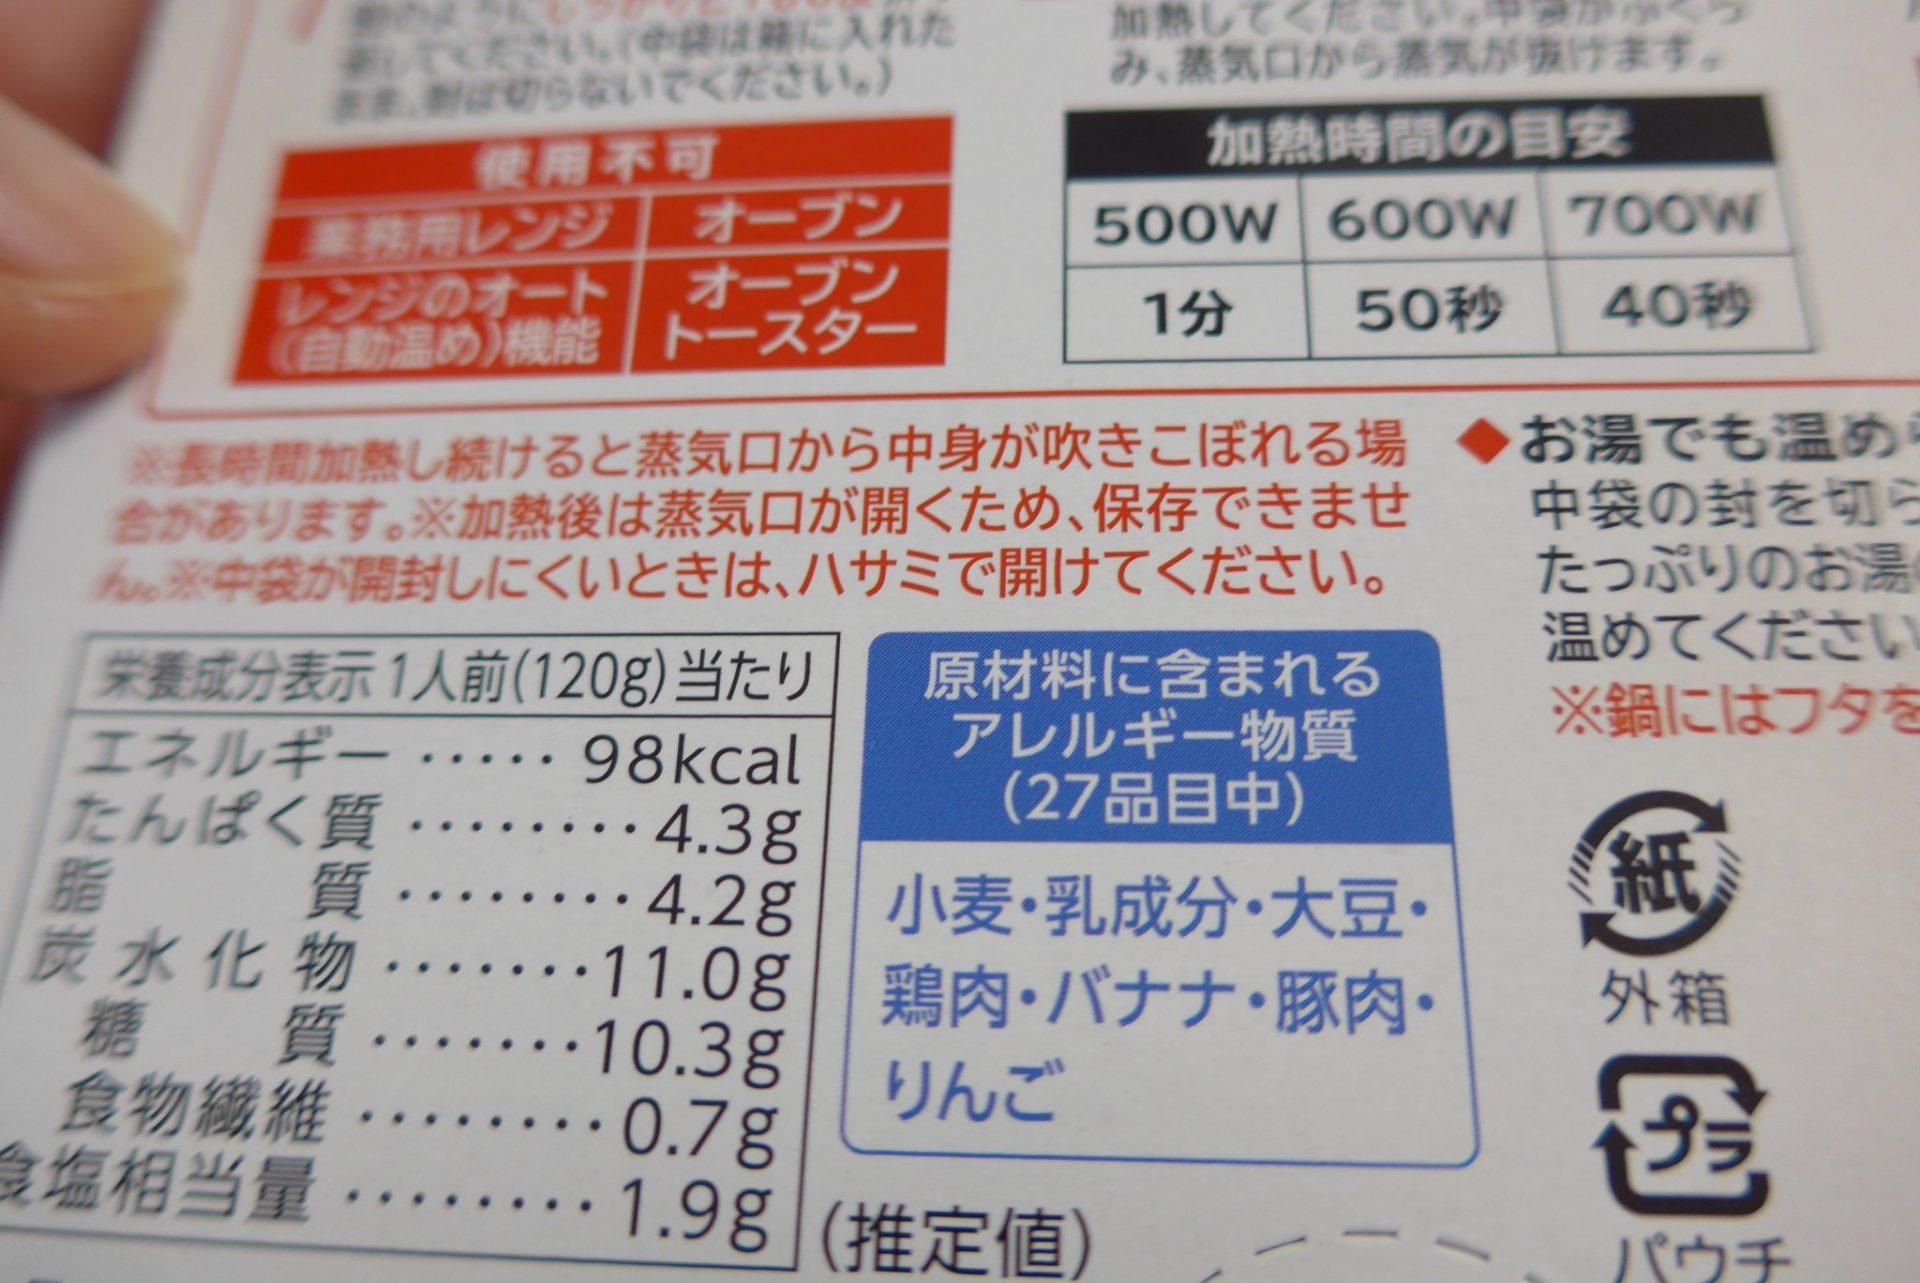 (G)大塚マイサイズは簡単調理!低カロリーで減塩なバターチキンも